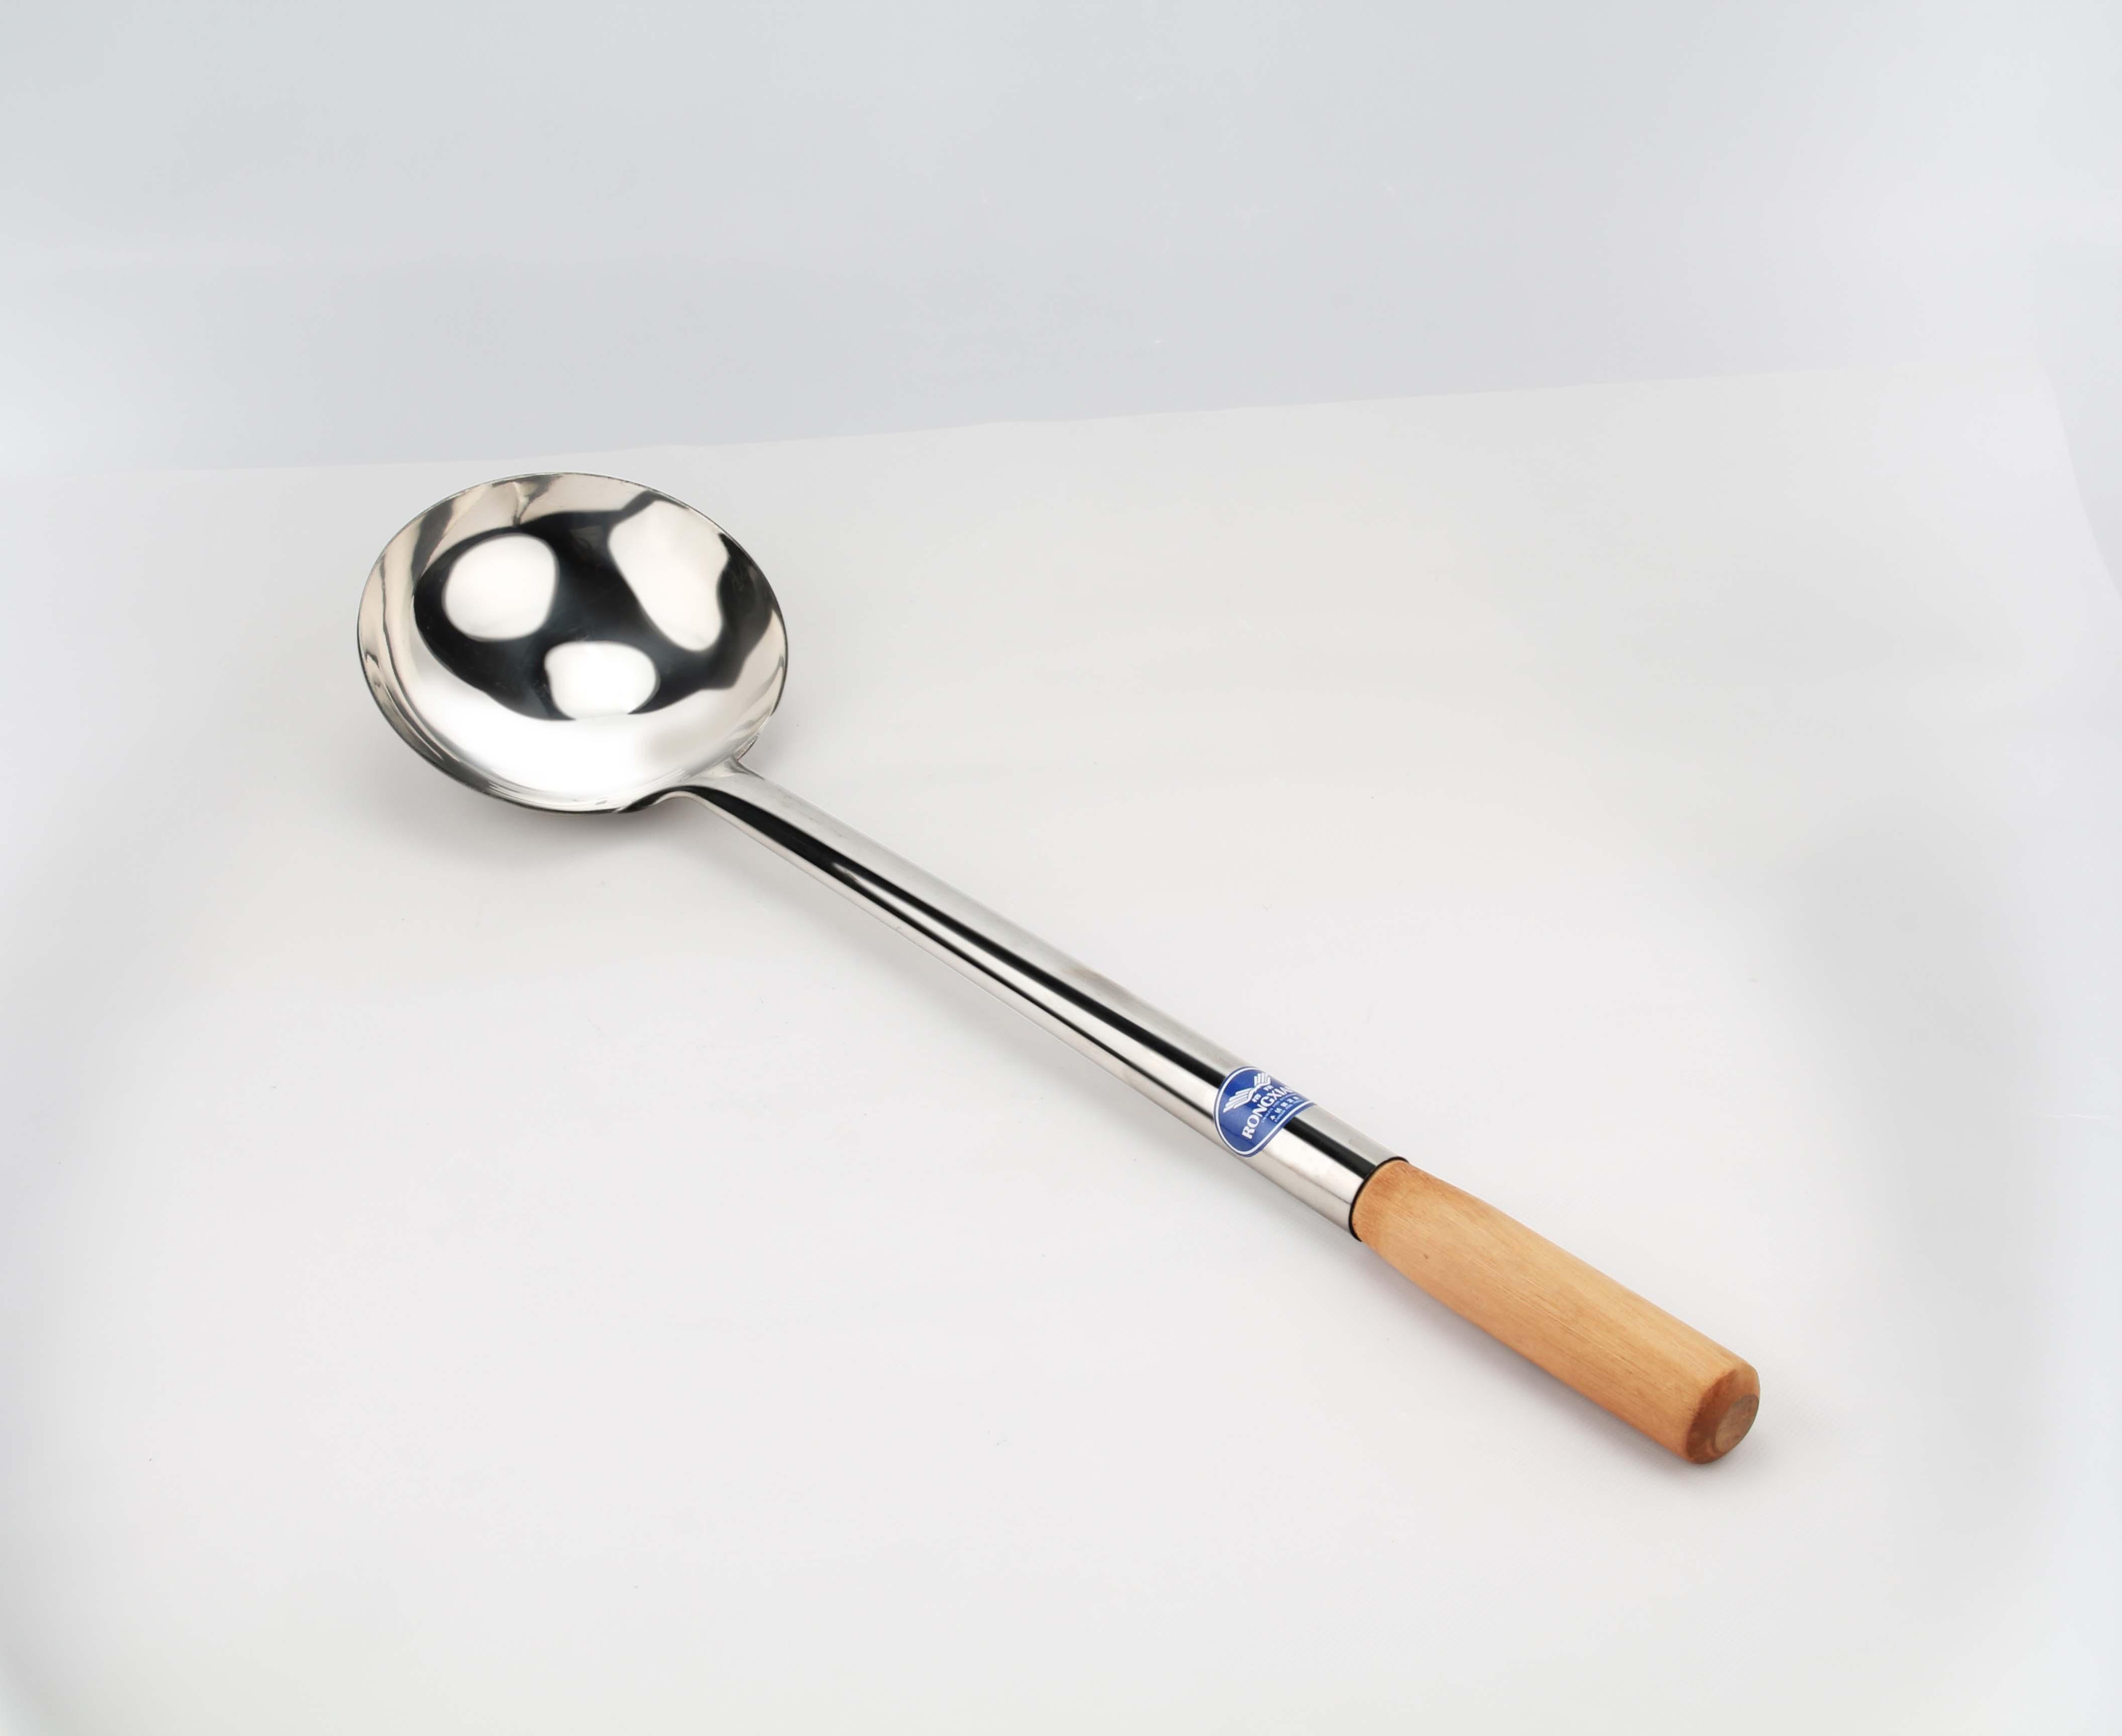 陕西加尔伏商贸有限公司|加尔伏厨具:不锈钢厨具挑选要留心